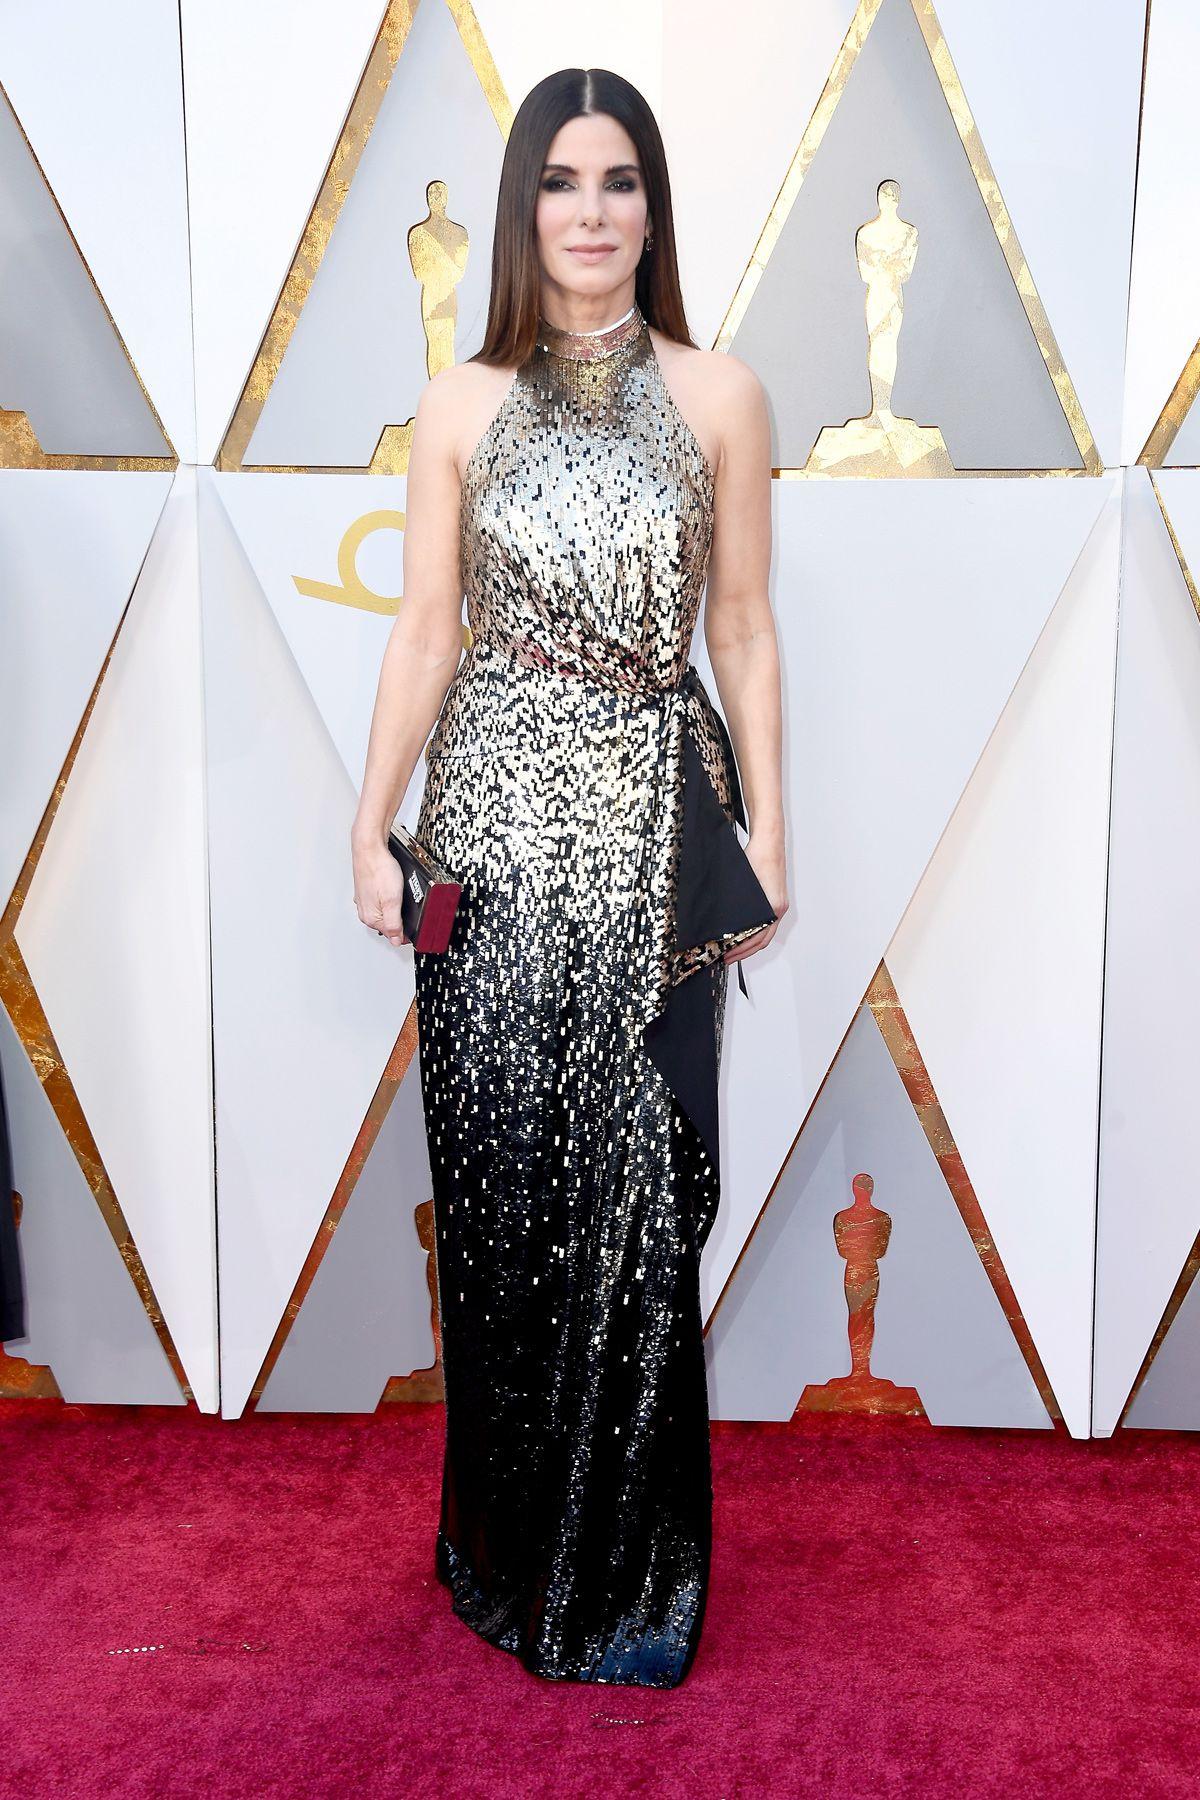 6acafdf75d7 La alfombra roja de los premios Oscar 2018